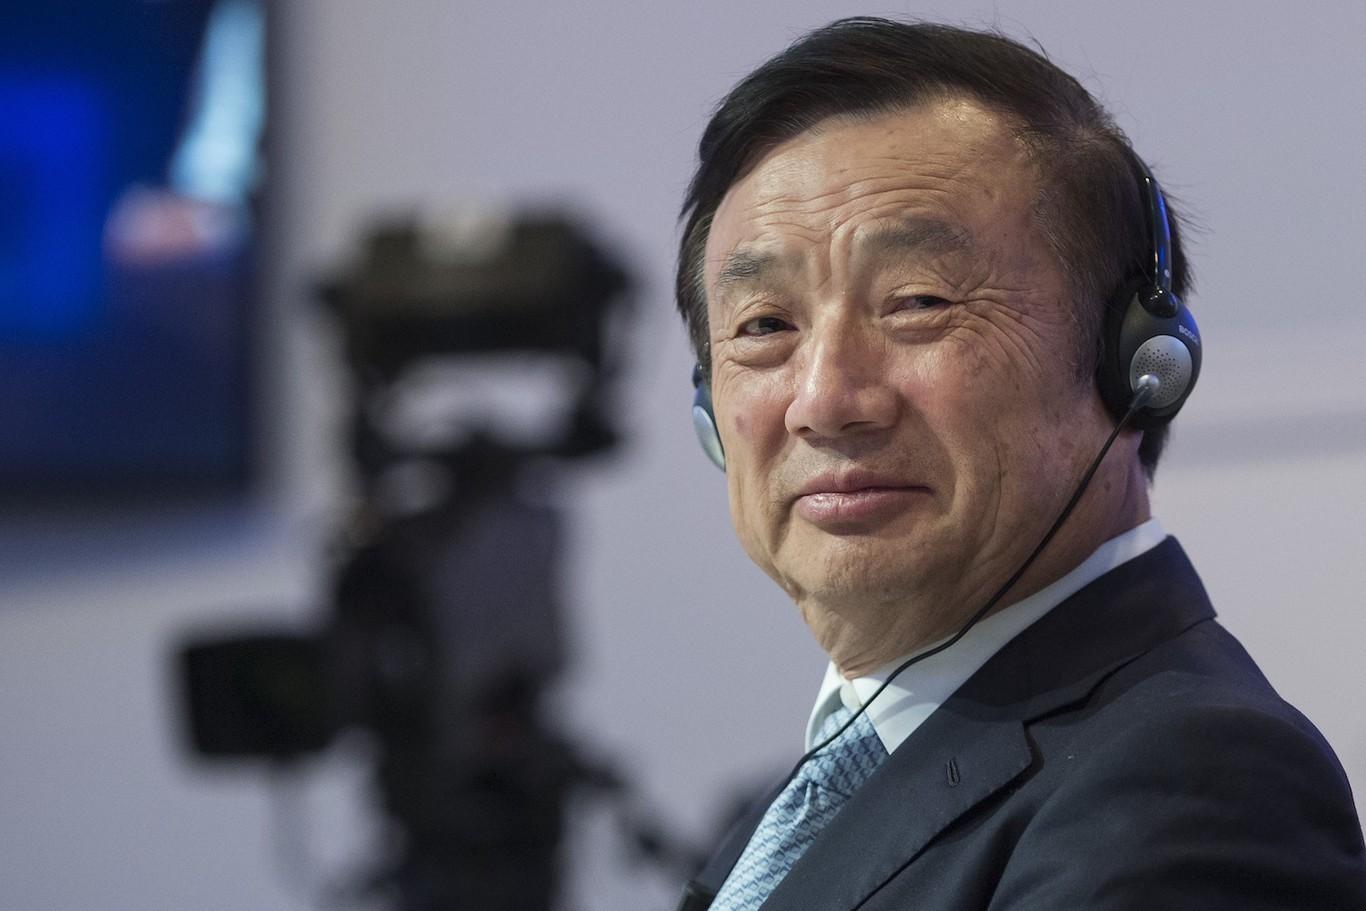 El CEO de Huawei plantea la venta de su tecnología 5G a competidores para eliminar sospechas de espionaje y equilibrar fuerzas